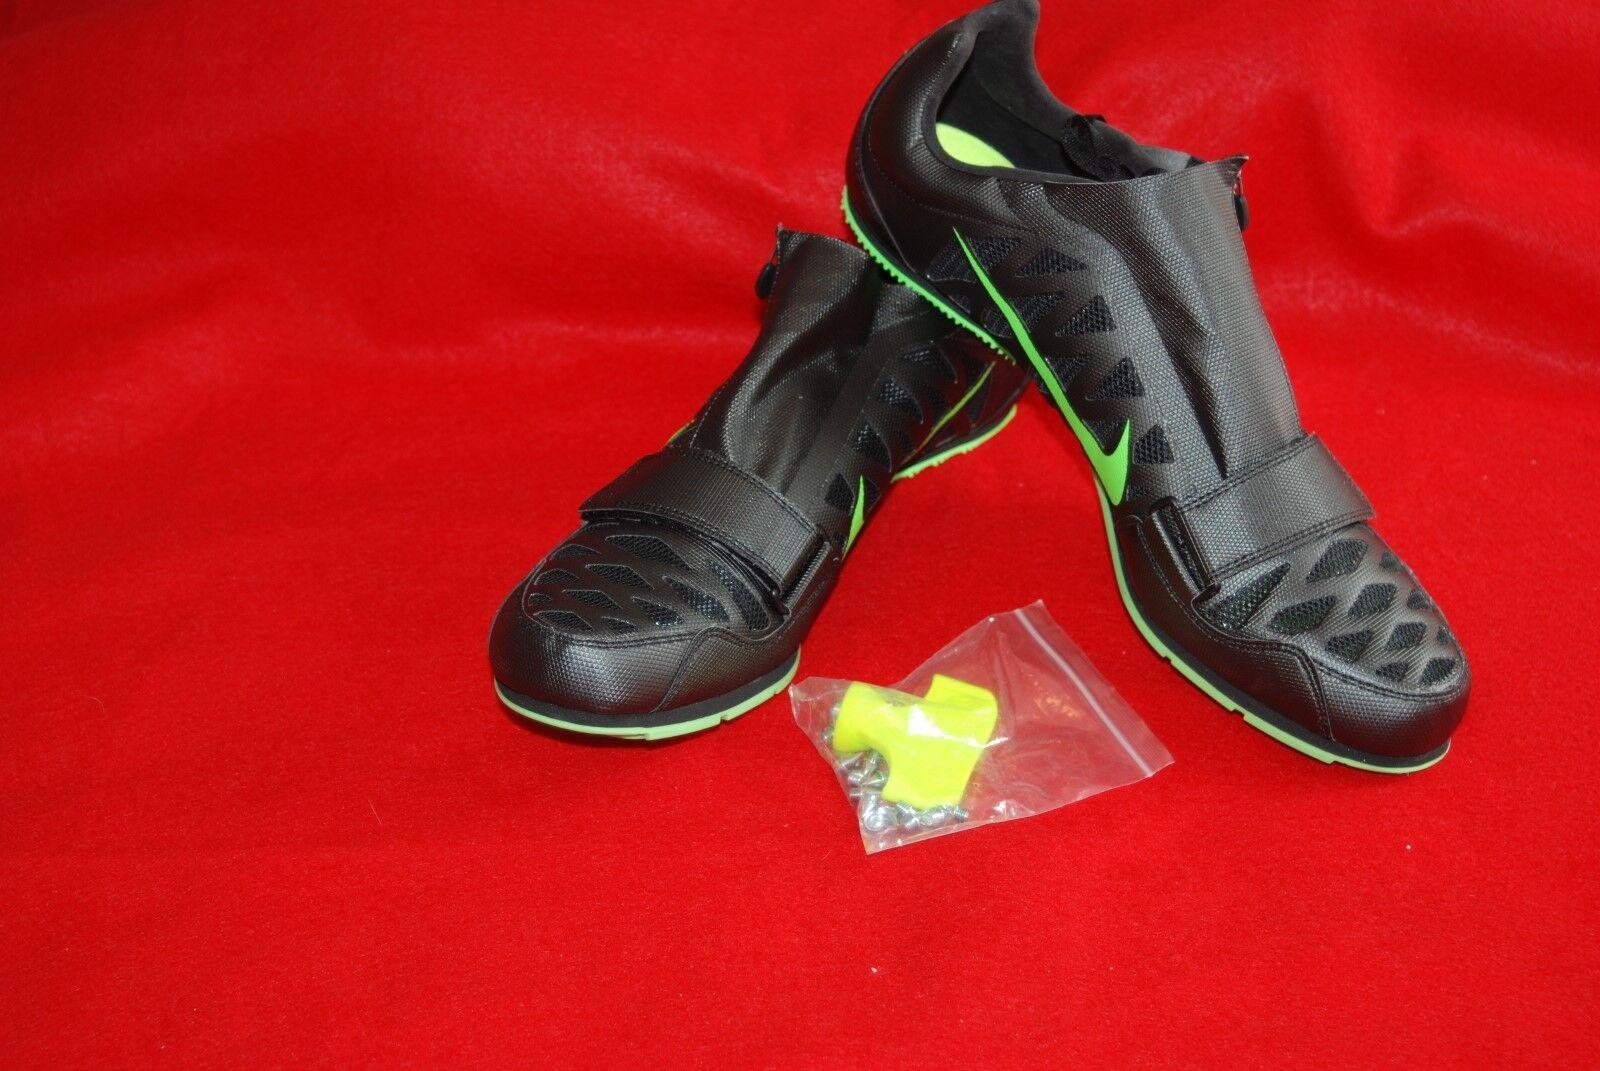 Nike Zoom LJ 4 Jump Unisex Track Spikes 415339-035 Black Green Comfortable